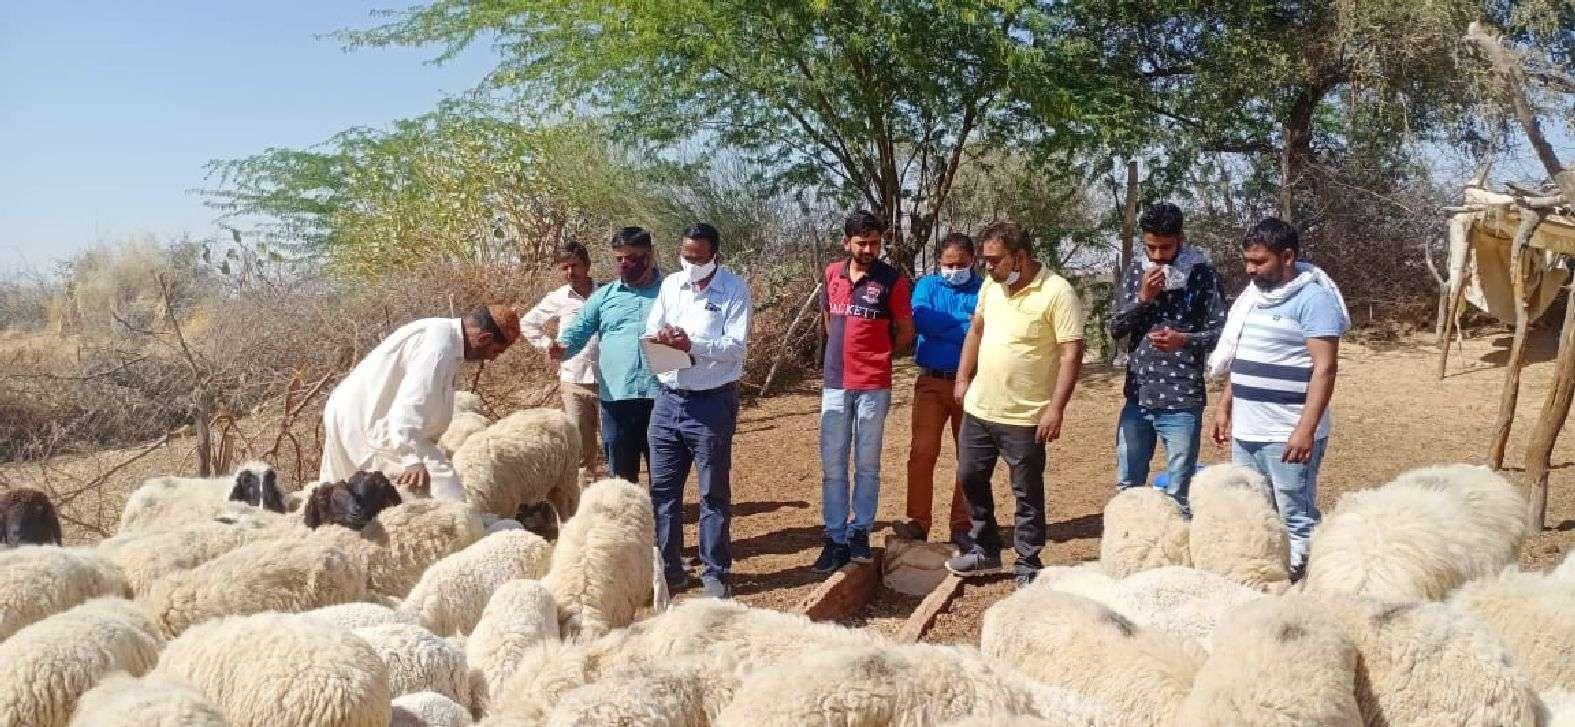 जिम्मेदारों की तंद्रा टूटी, गांव पहुंचा चिकित्सकीय दल